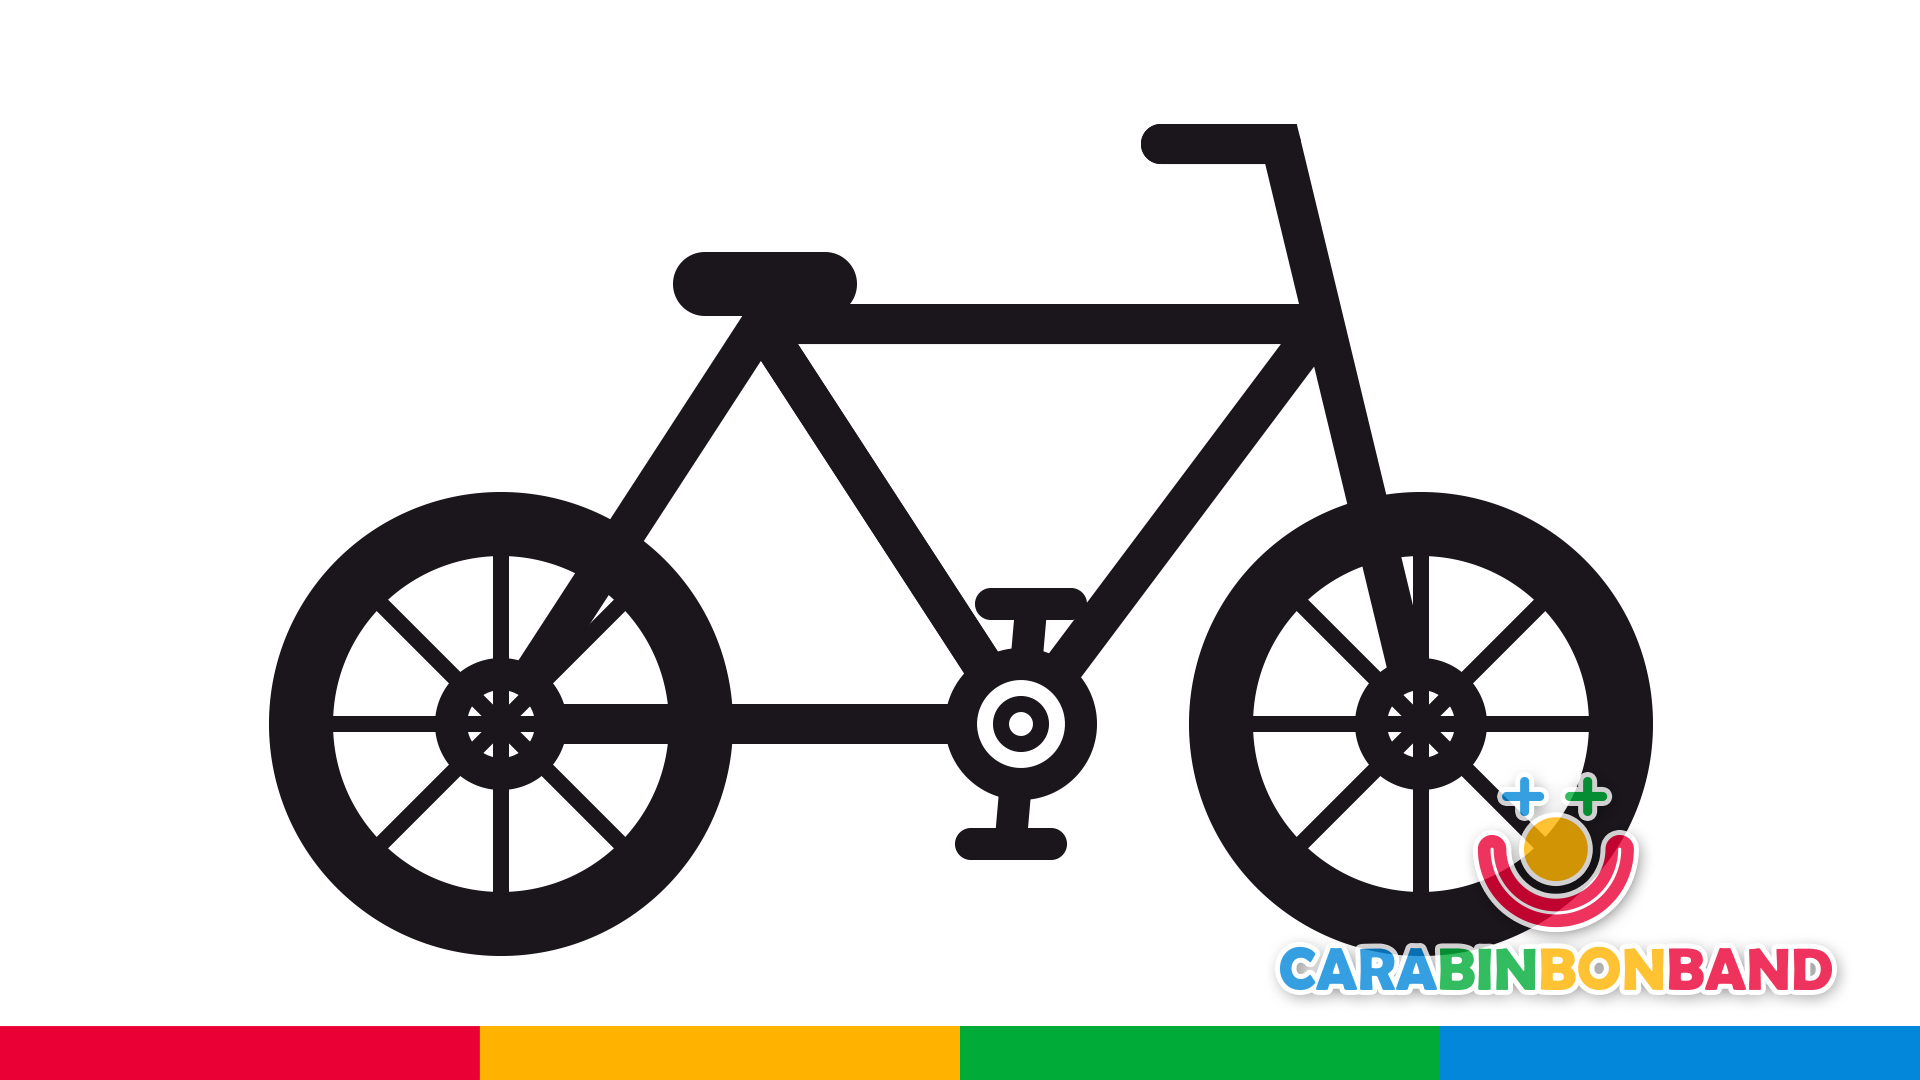 Dibujos fáciles - cómo dibujar una bicicleta fácil para niños